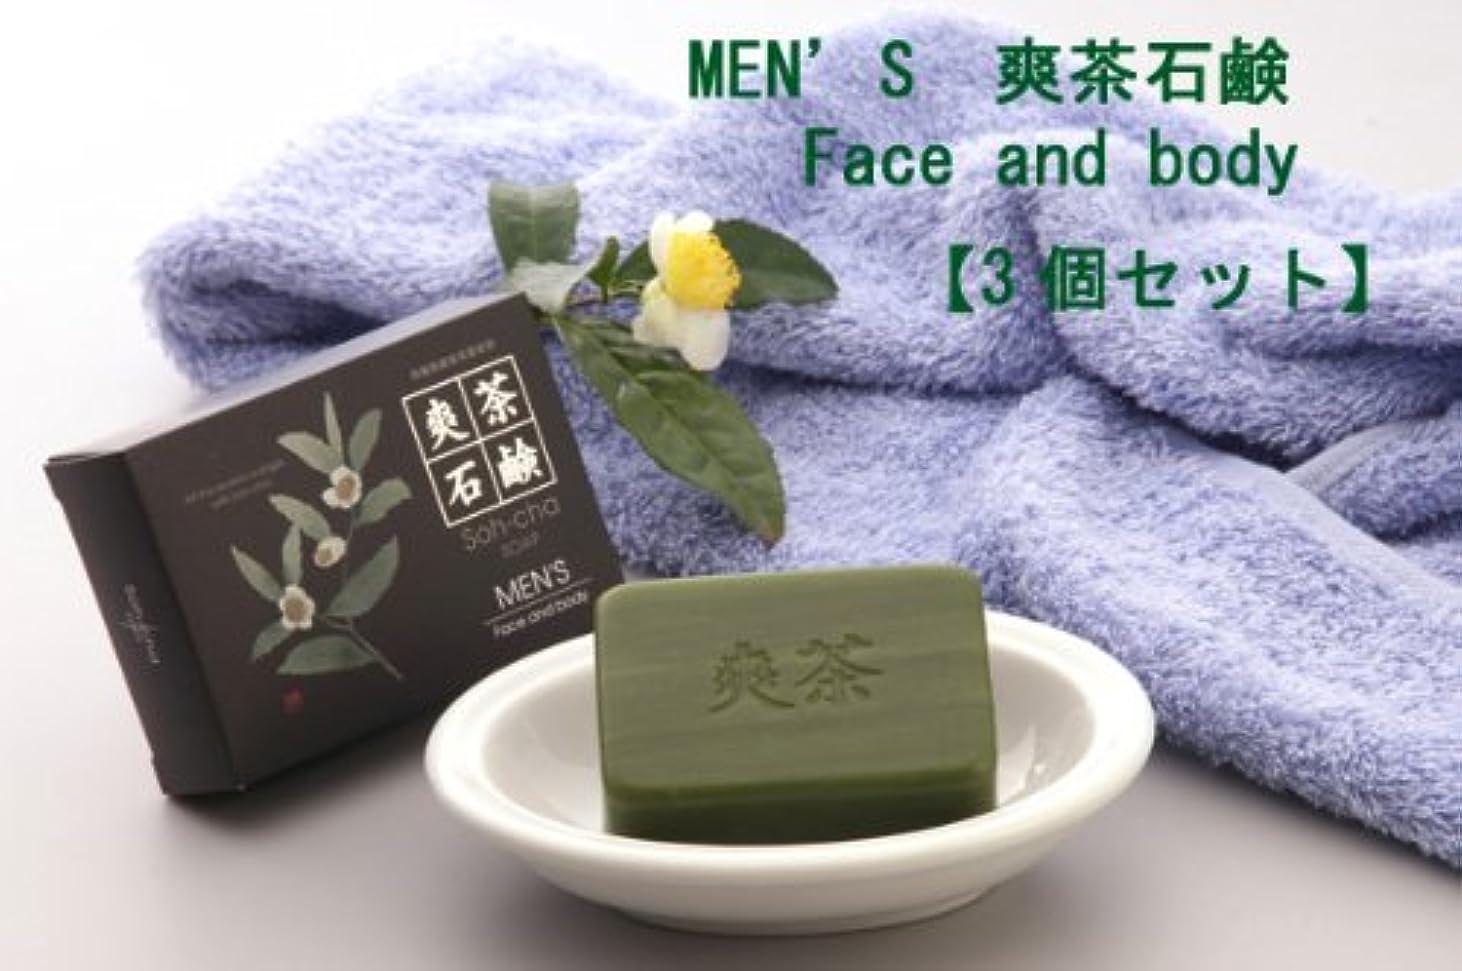 聖なる視線冷笑するMEN'S 爽茶石鹸 Face and body 3個セット(男性用デオドラントボディ+洗顔石鹸)